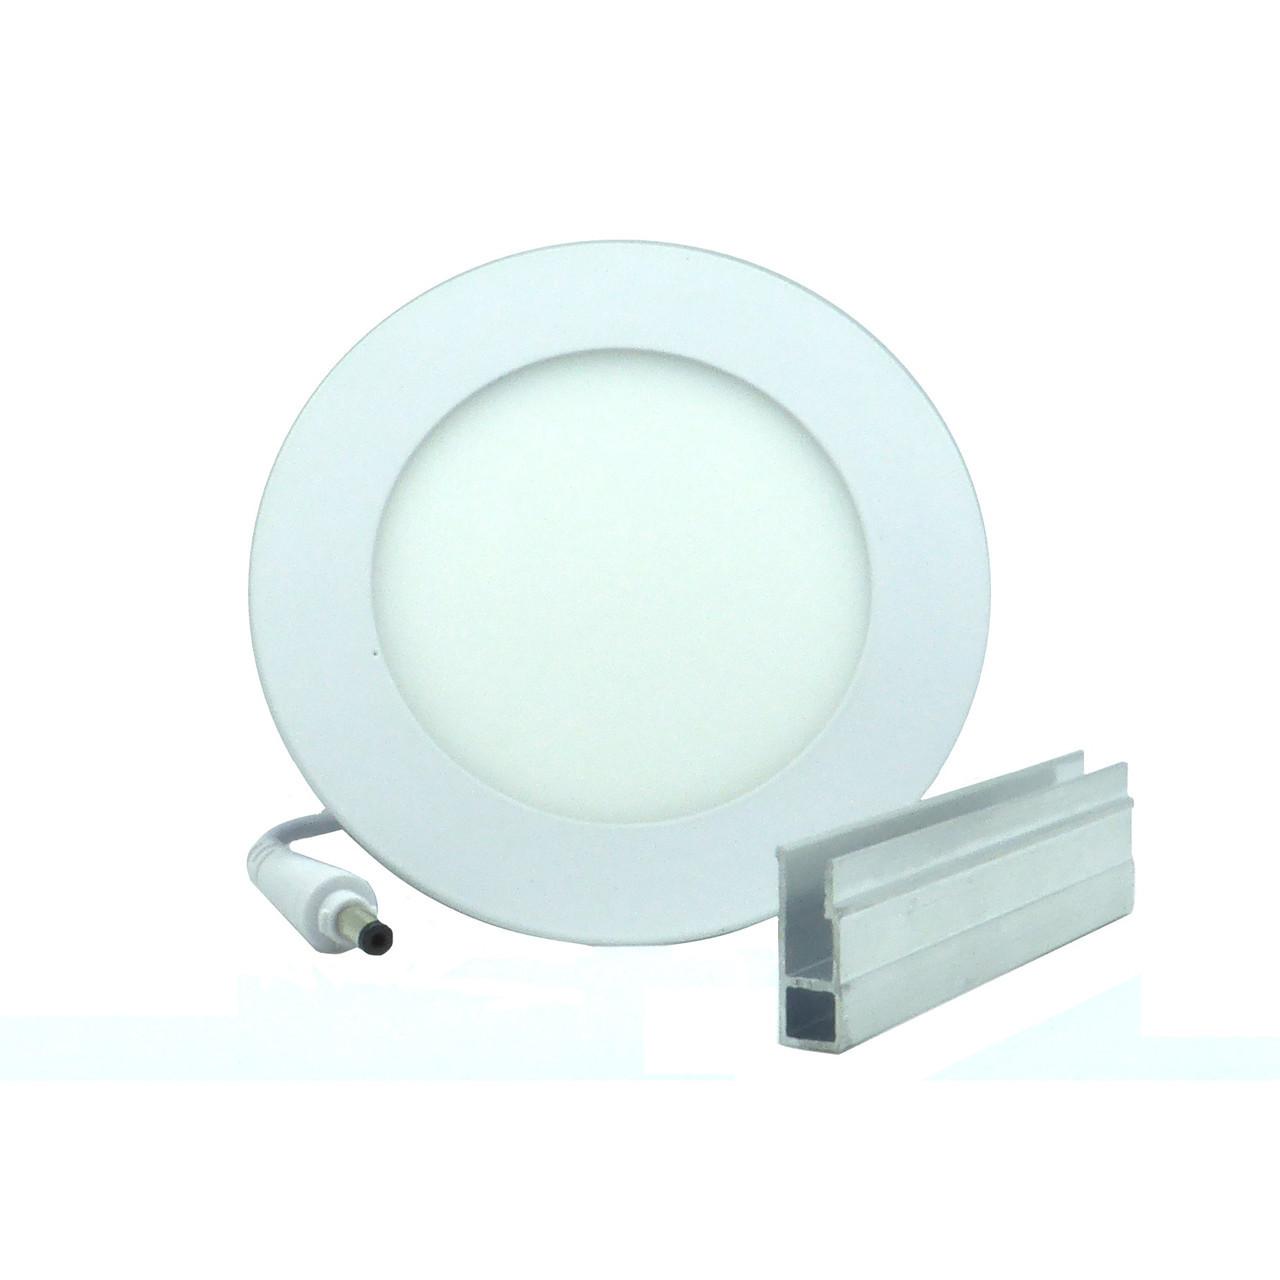 Светодиодный светильник встраиваемый LED panel light 6 Вт